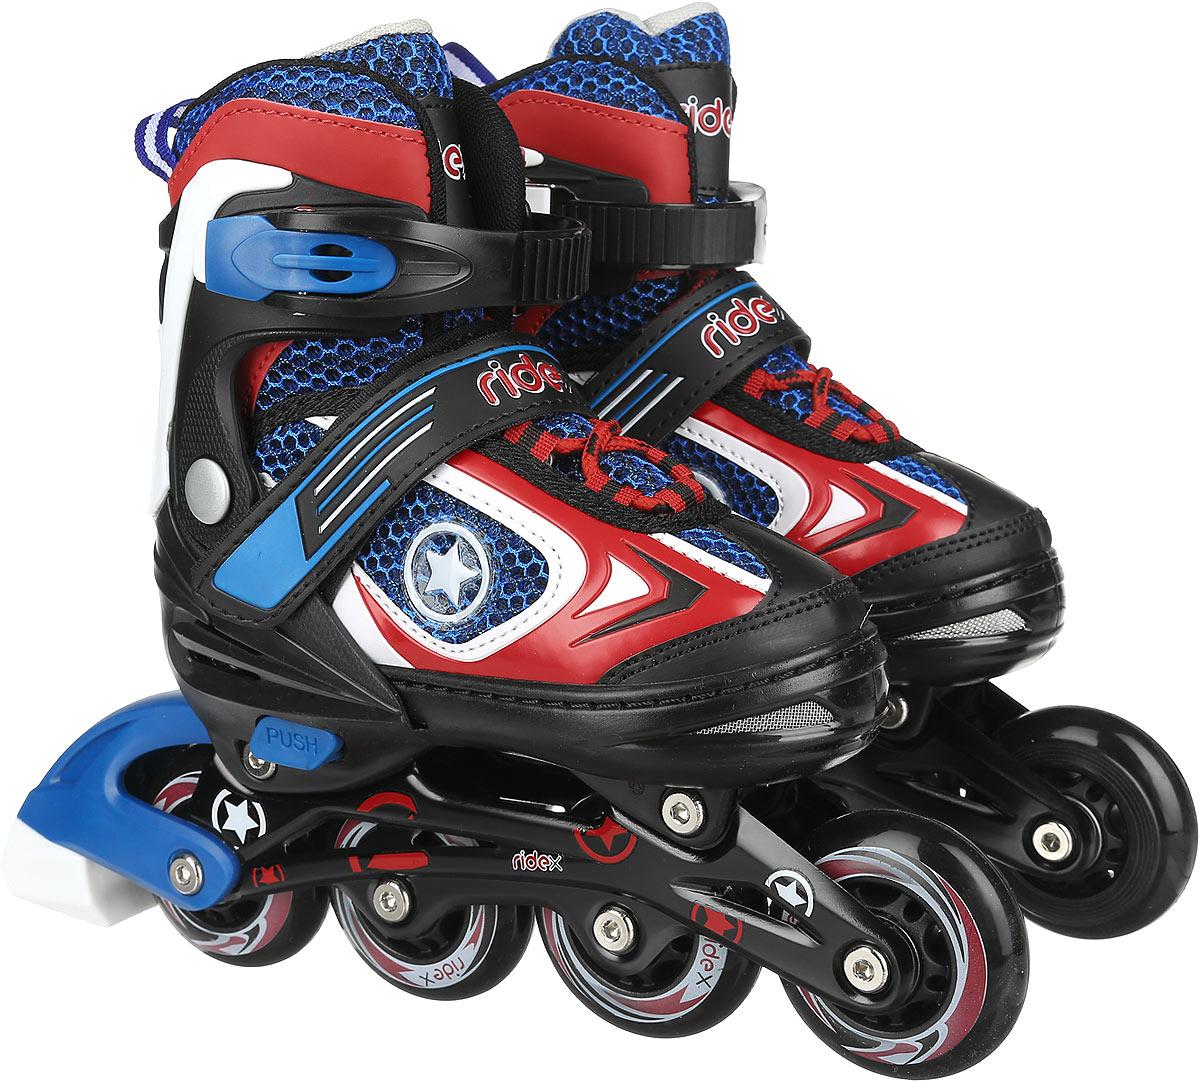 Коньки роликовые Ridex Defender, раздвижные, цвет: черный, синий, красный. УТ-00008107. Размер 30/33